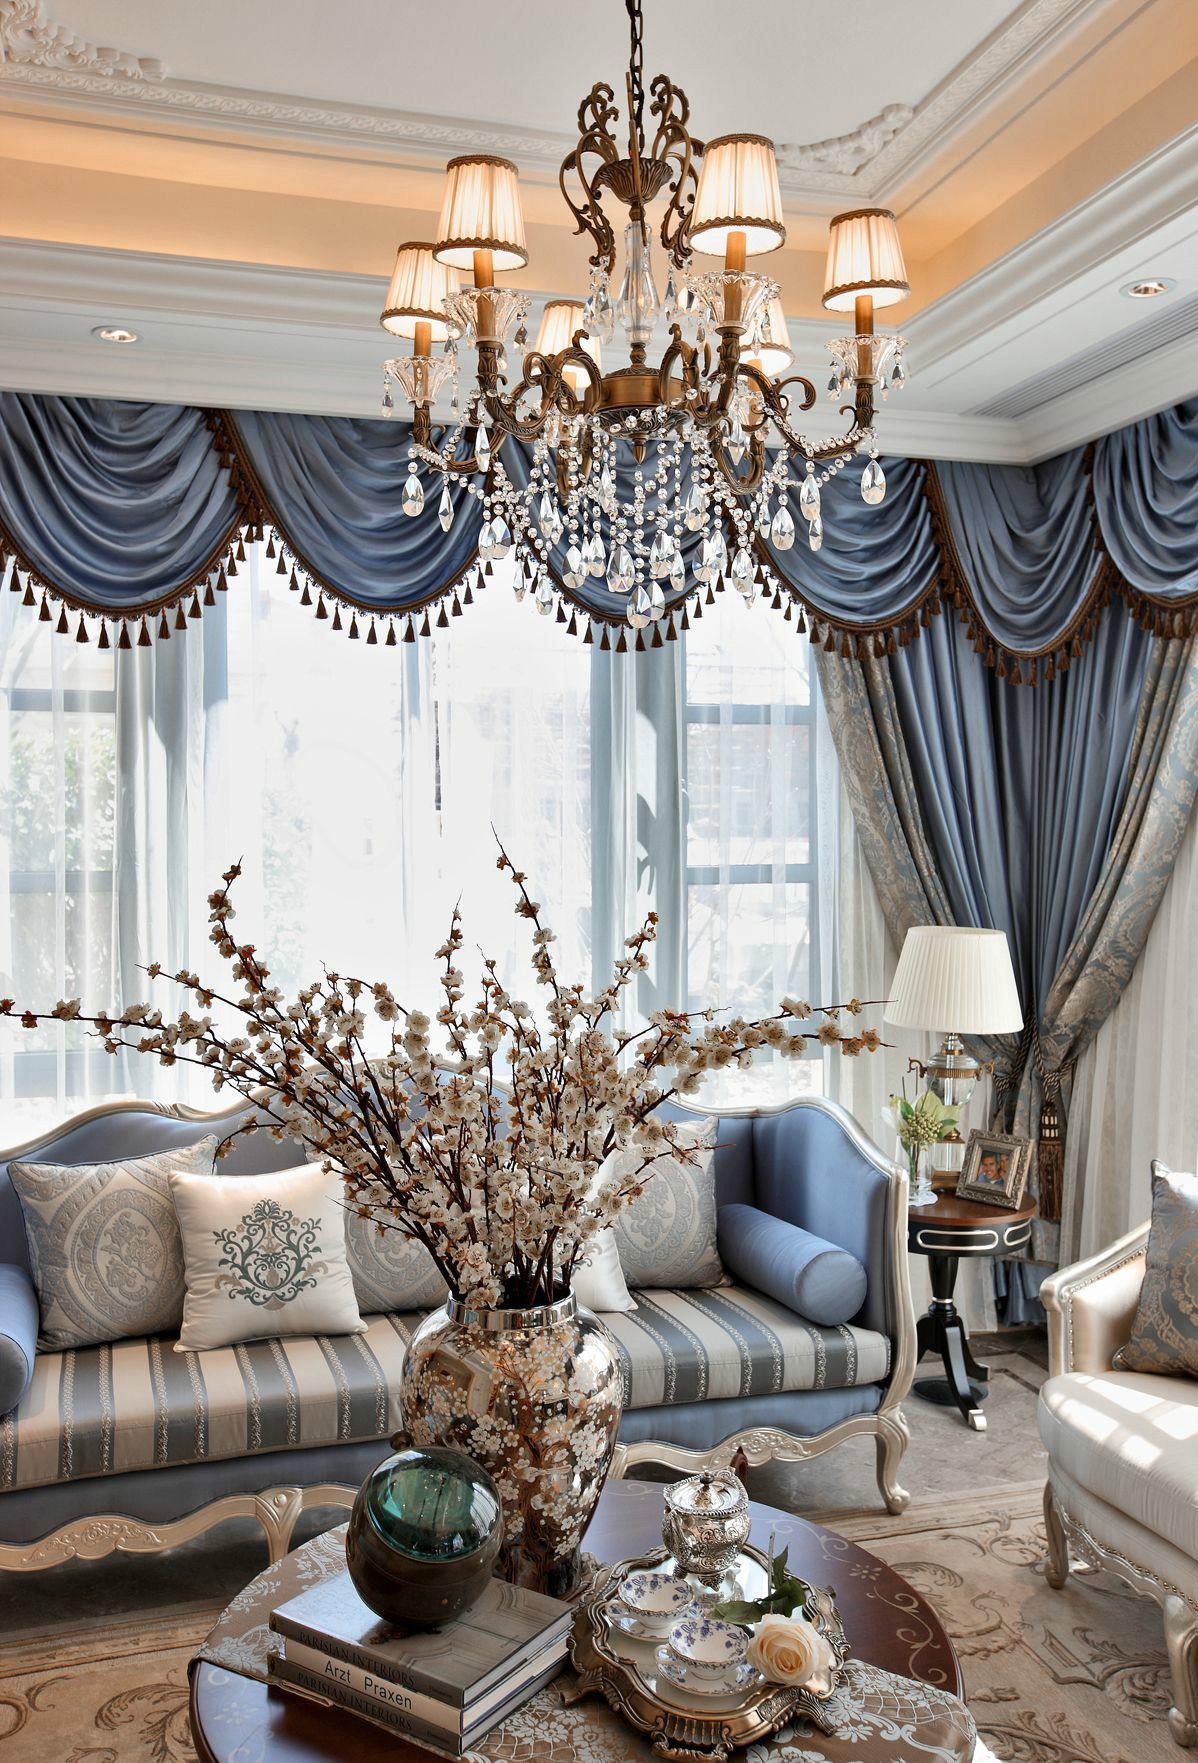 法式风格别墅客厅吊灯装修效果图